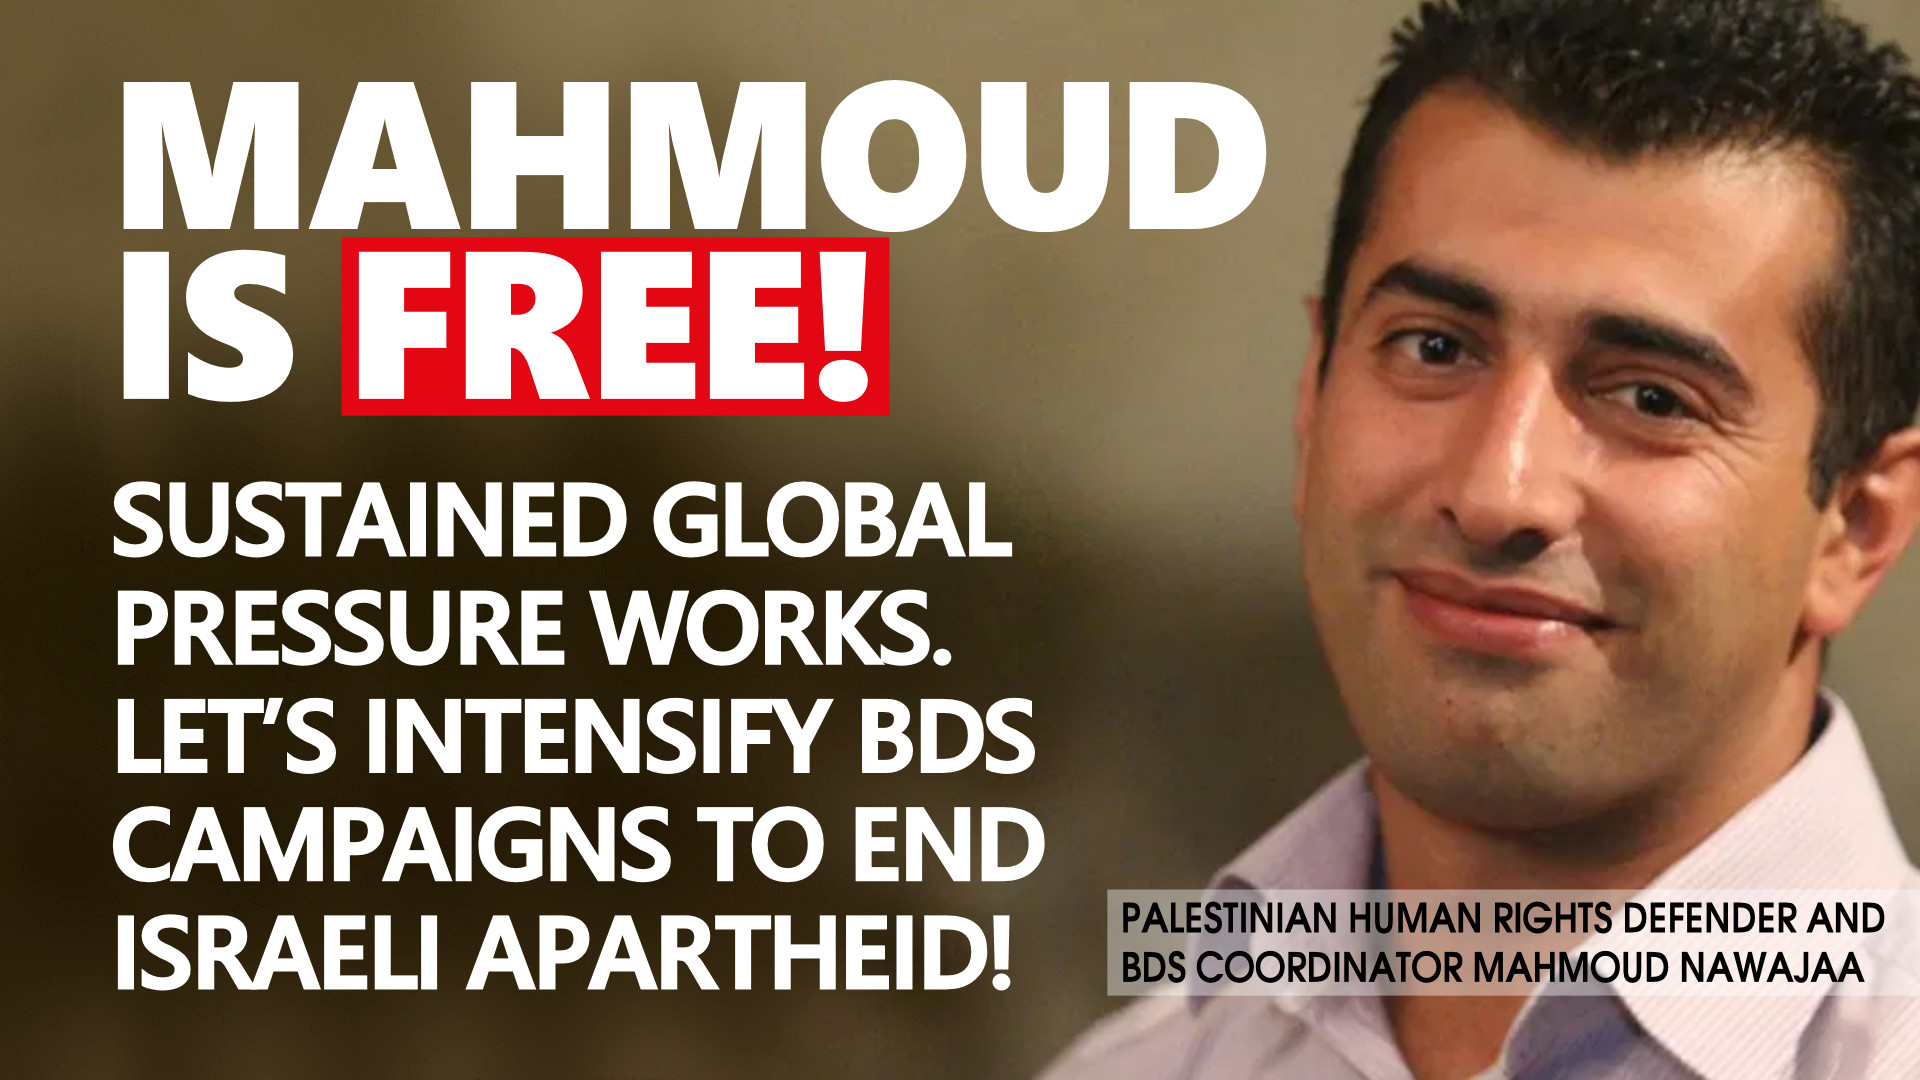 Mahmoud Nawajaa is free